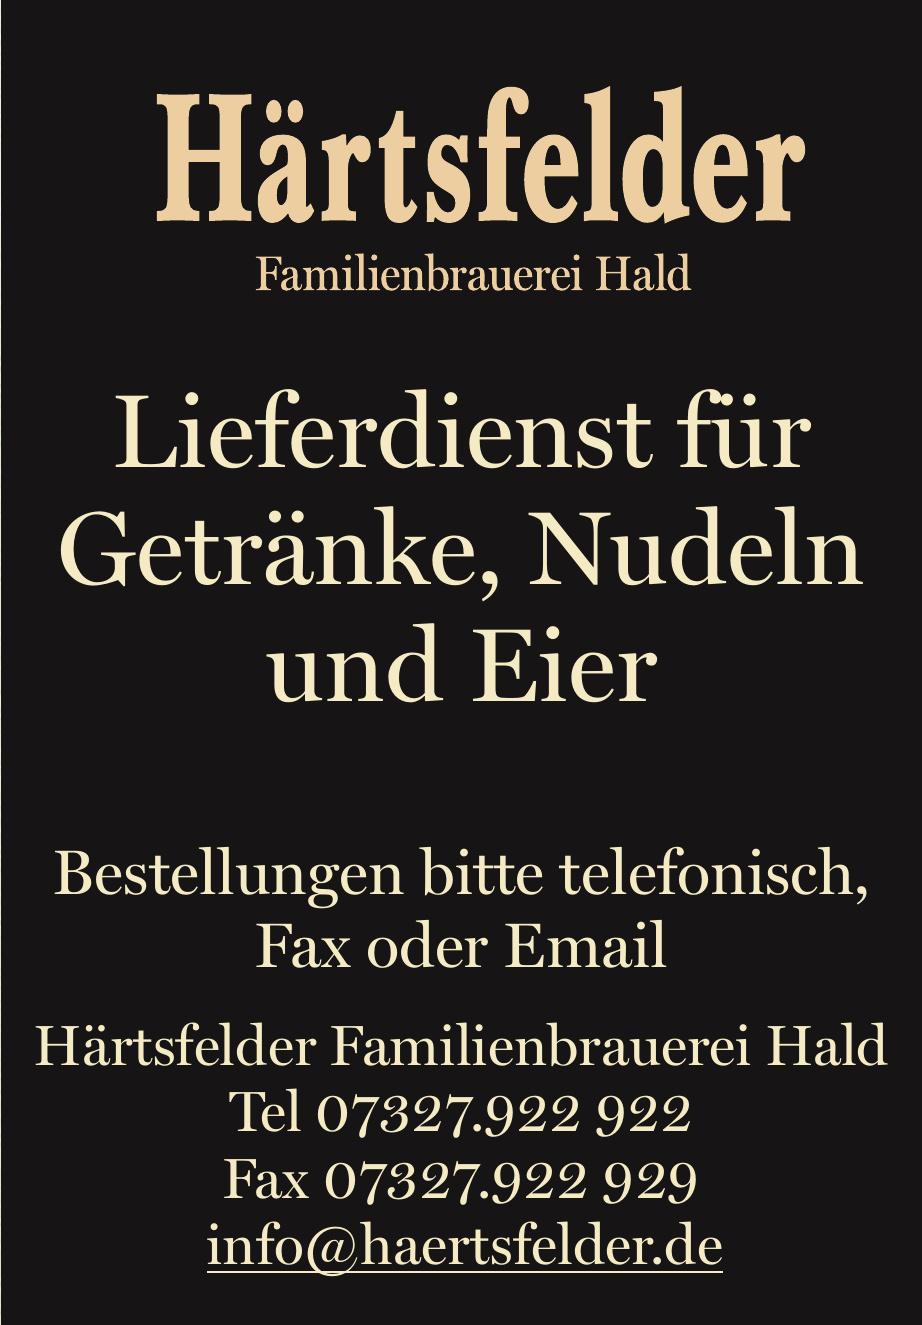 Härtsfelder Familienbrauerei Hald